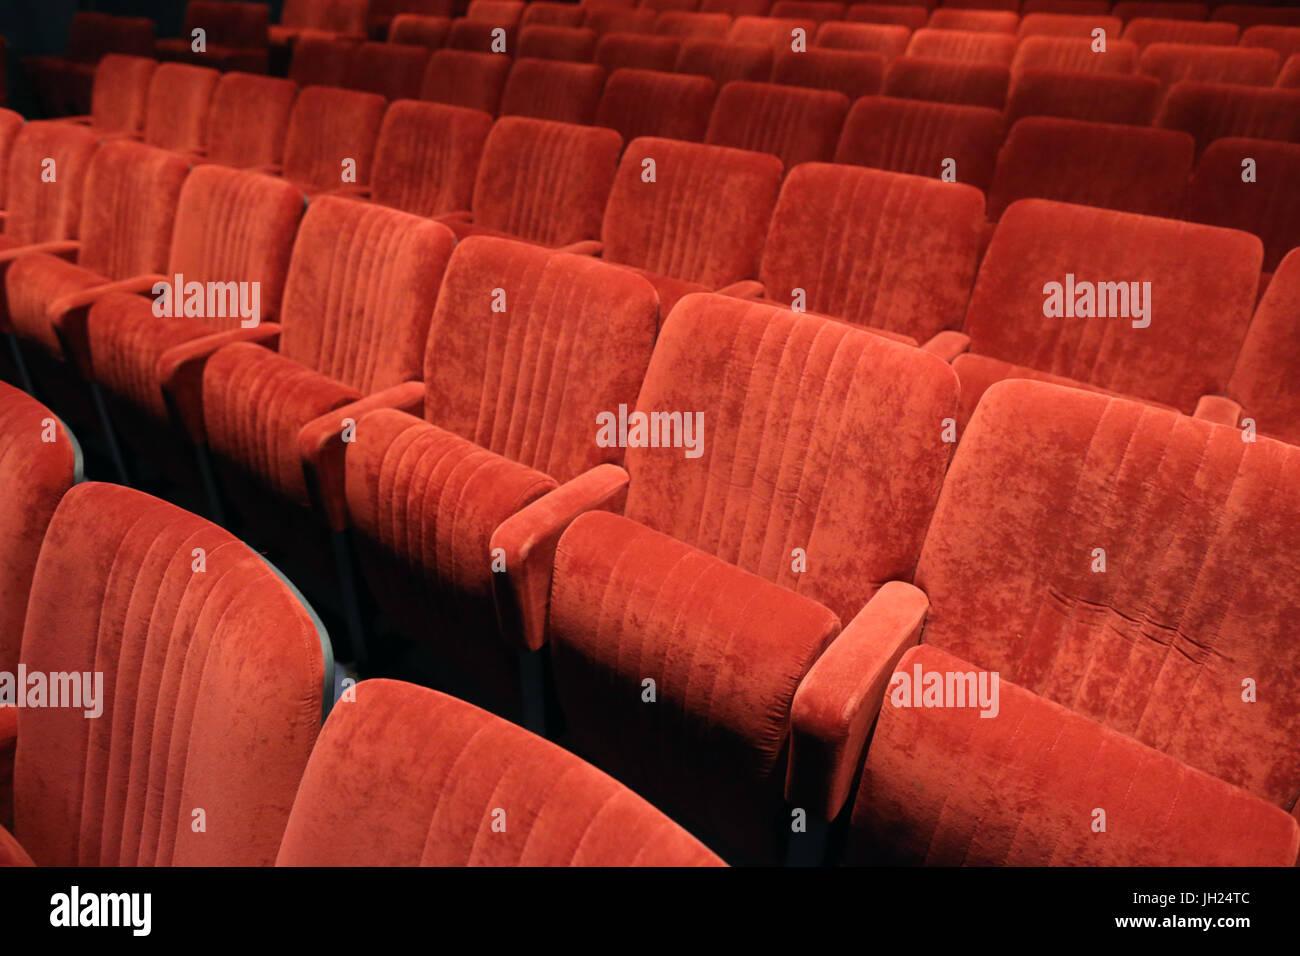 Fauteuils. Salle de spectacle. France. - Stock Image